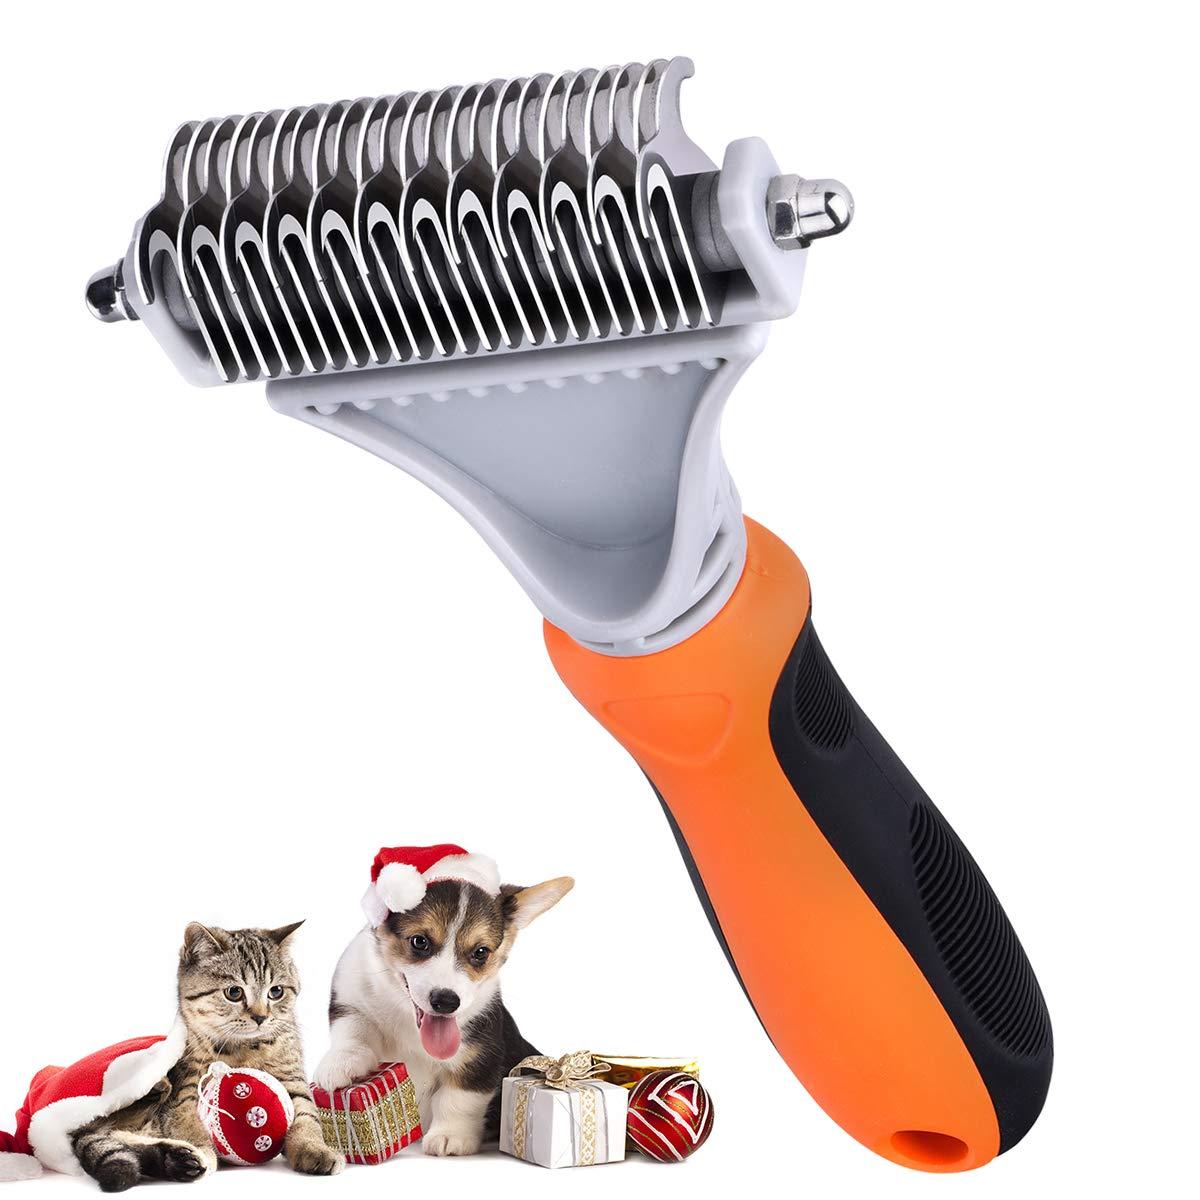 Dettagli su TOPELEK Spazzola per Animali Domestici, Pettine Gatto Pelo Lungo,Spazzola